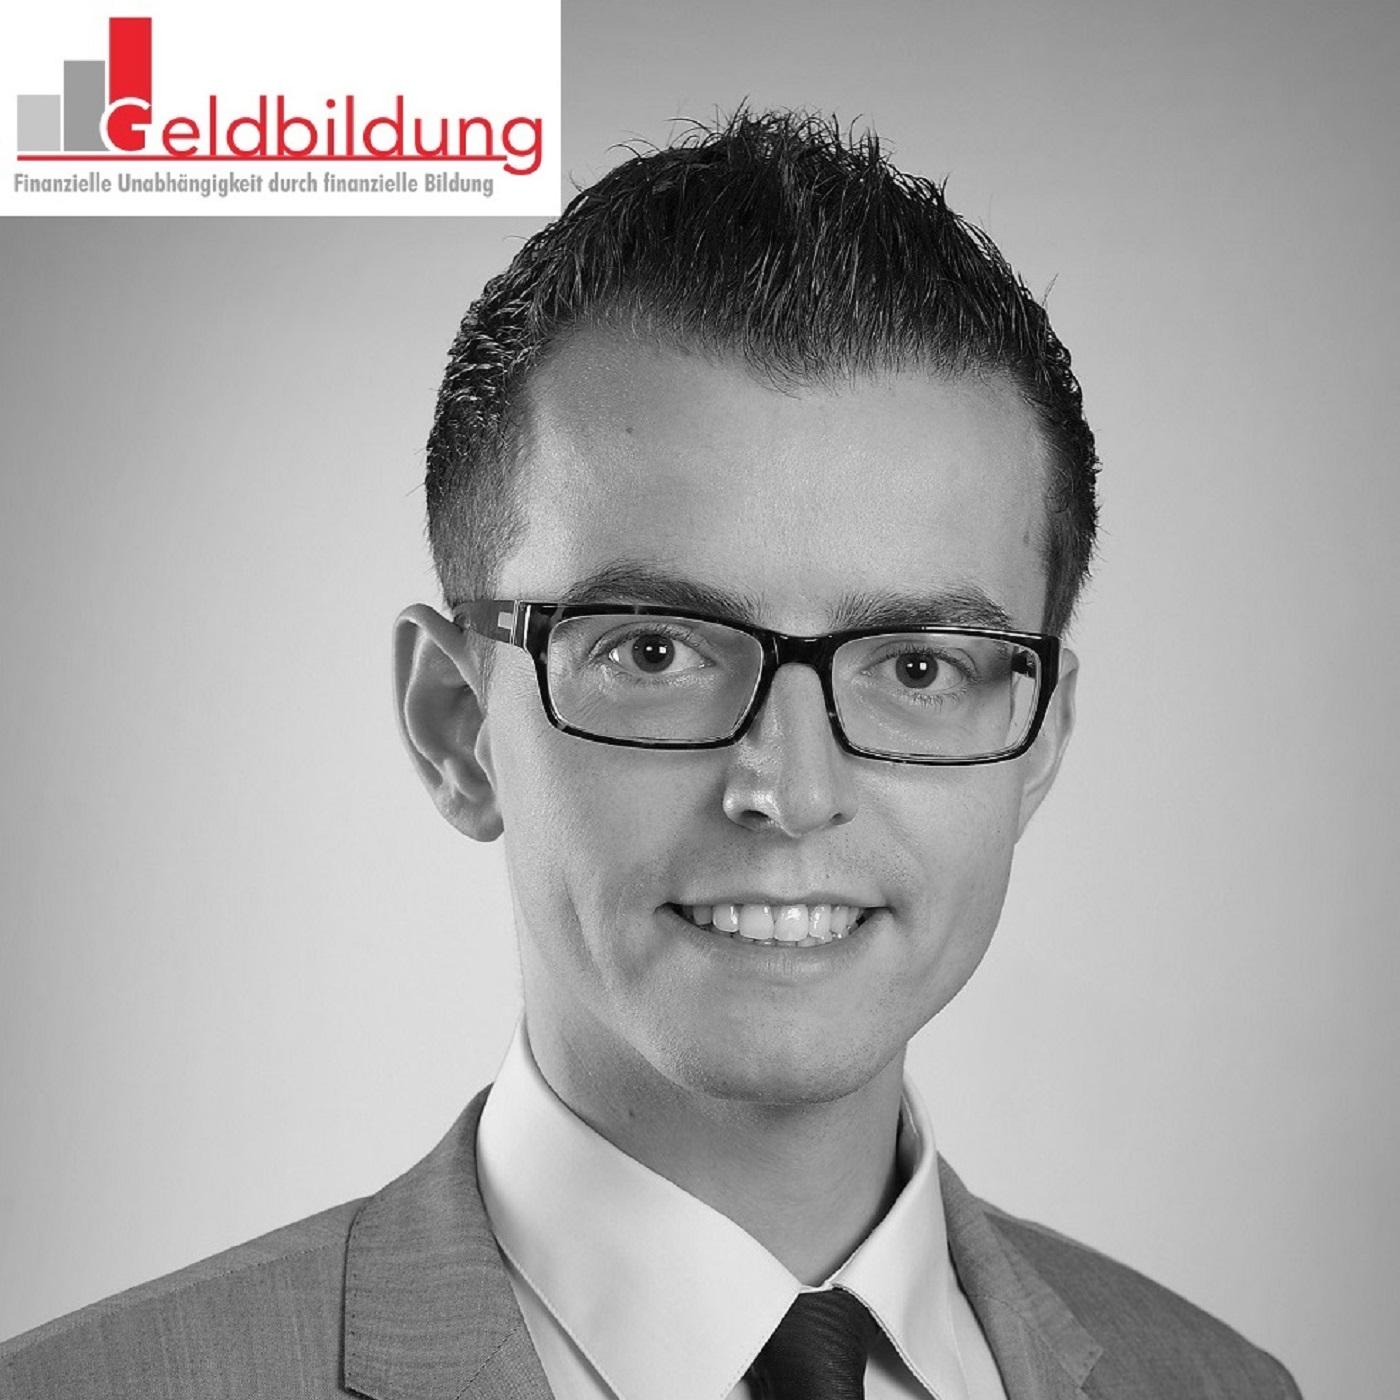 Nr. 31: Interview mit Max Schmid - Value Investor aus Leidenschaft